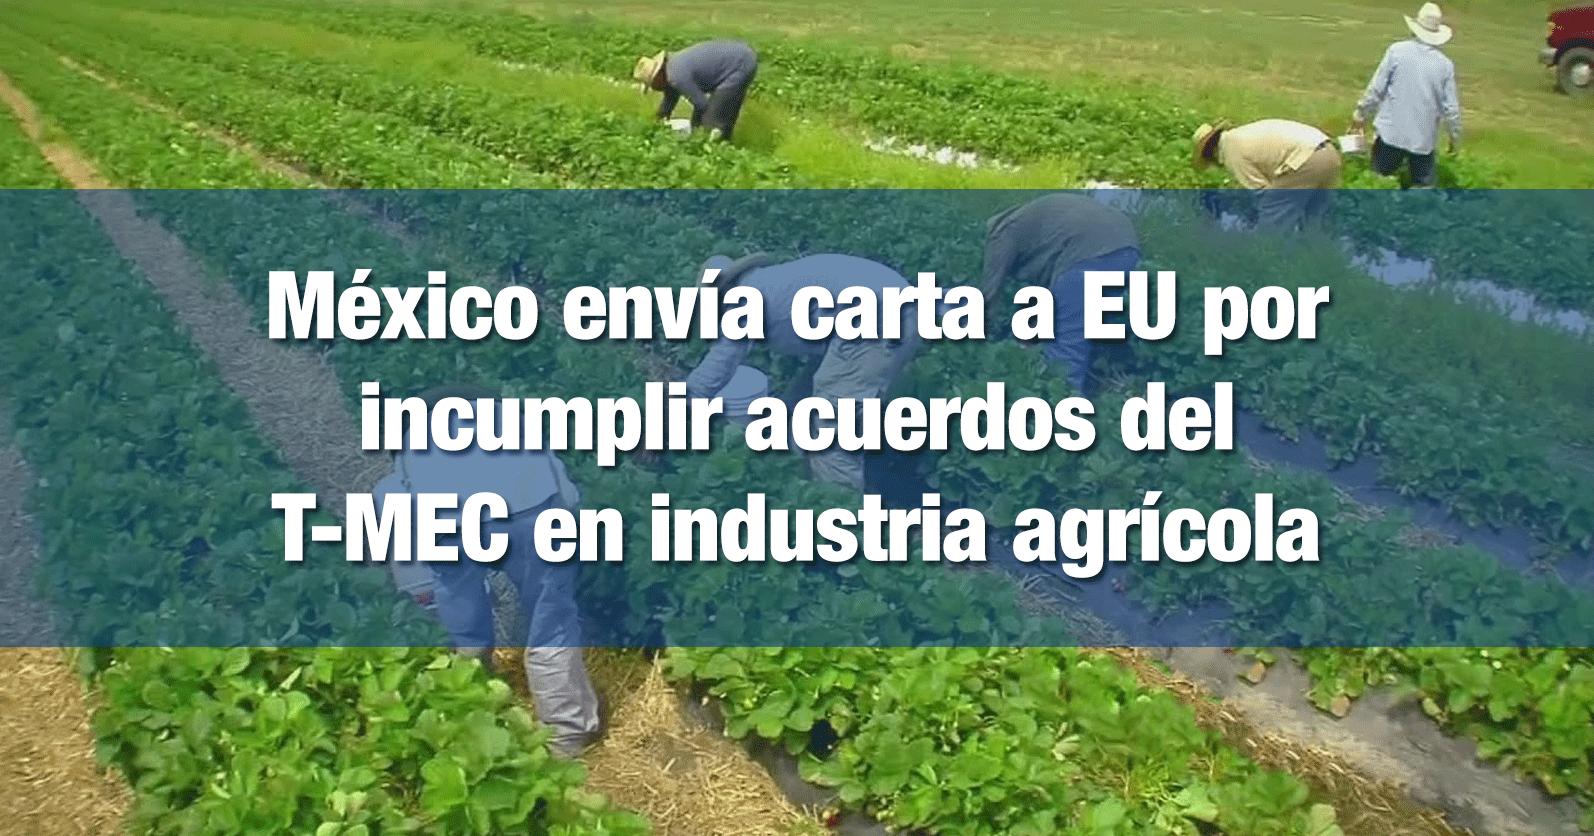 México envía carta a EU por incumplir acuerdos del T-MEC en industria agrícola